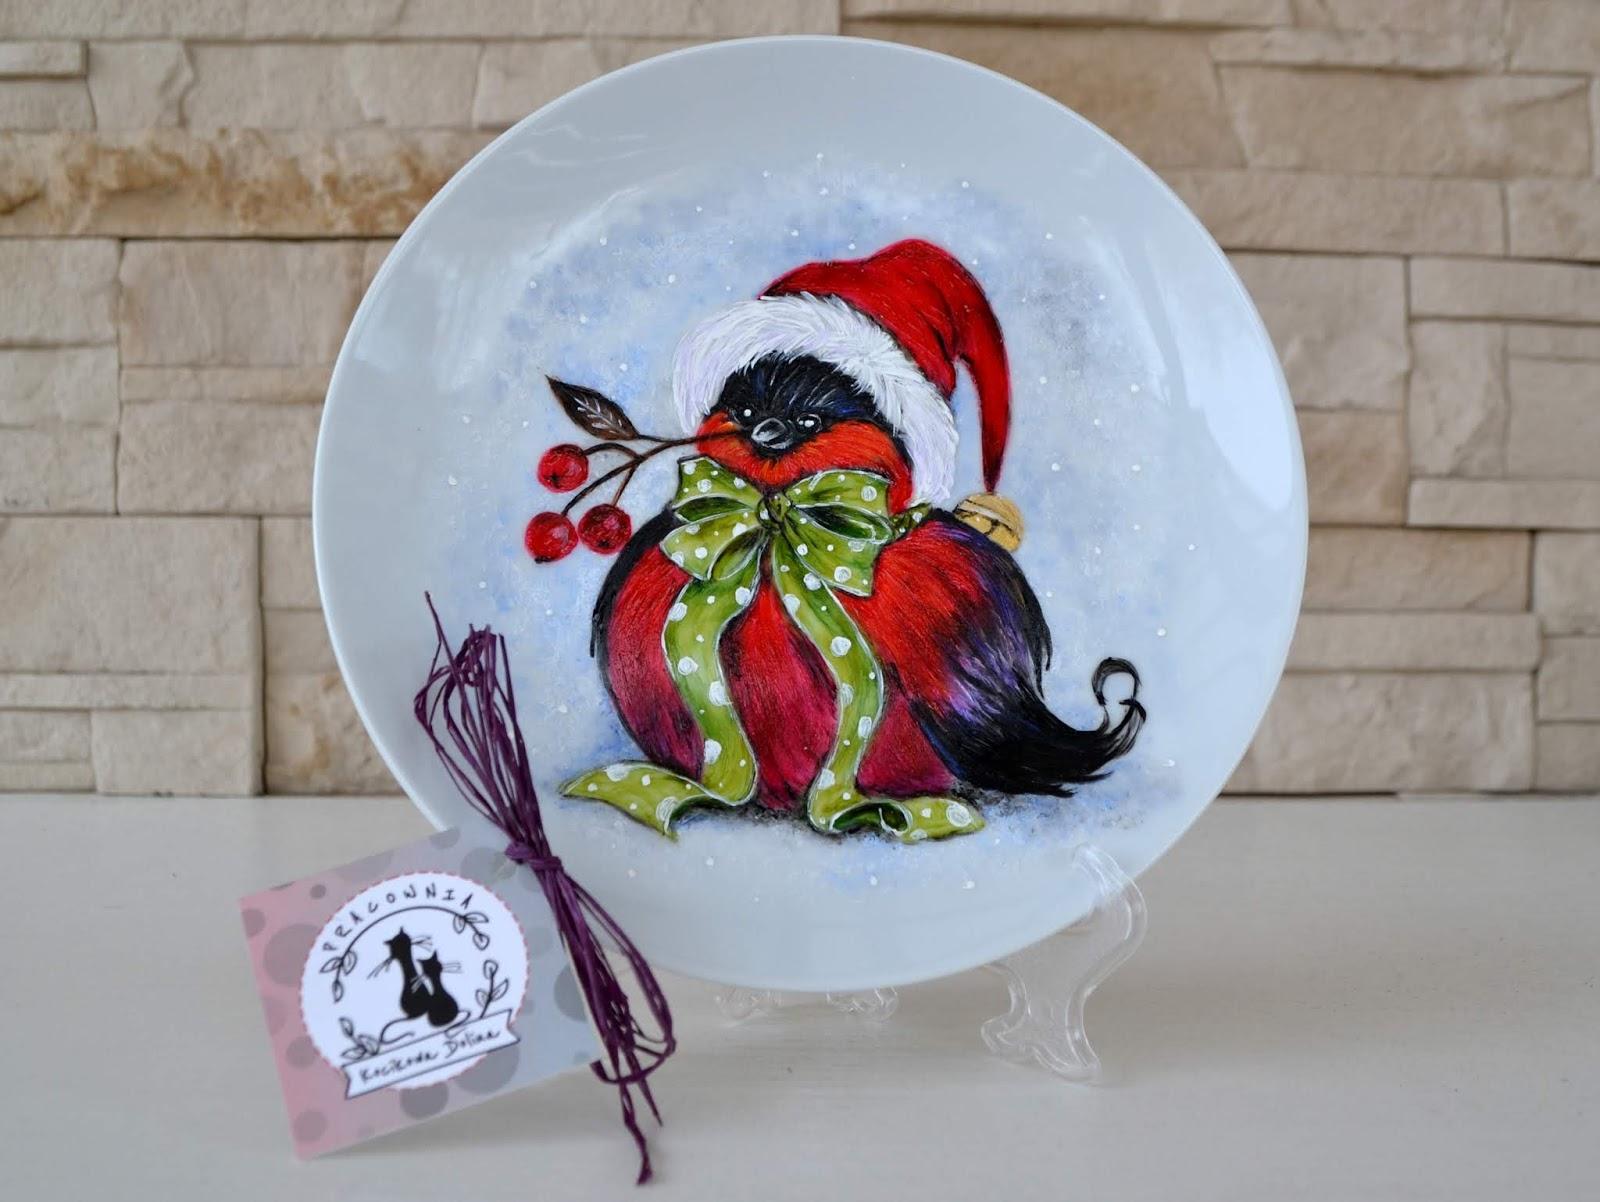 HEJ LUDZIE, IDĄ ŚWIĘTA - świąteczne życzenia i porcelana w świątecznej odsłonie